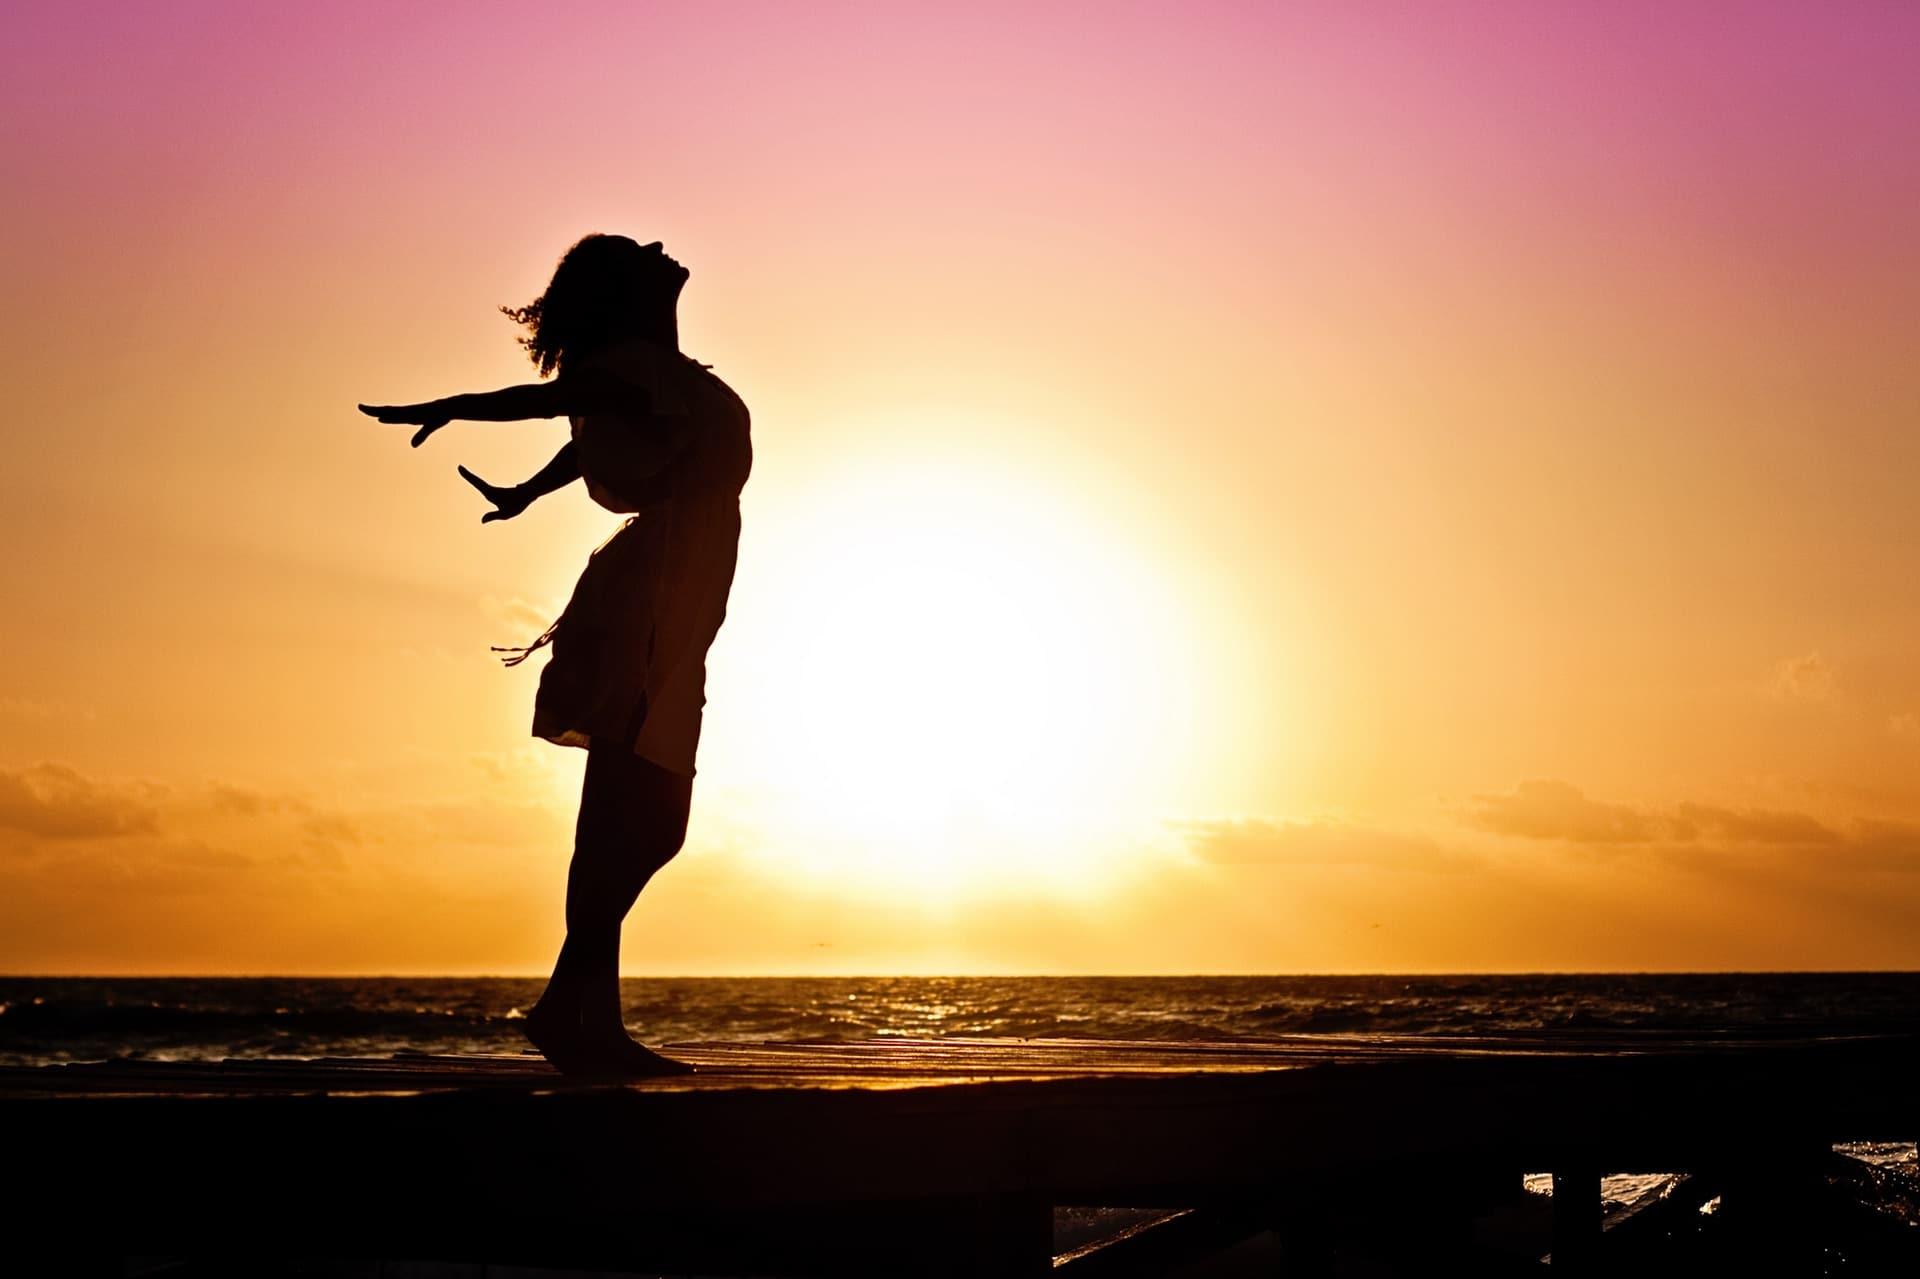 Biti vjeran sebi puno je važnije nego se stalno truditi biti pozitivan